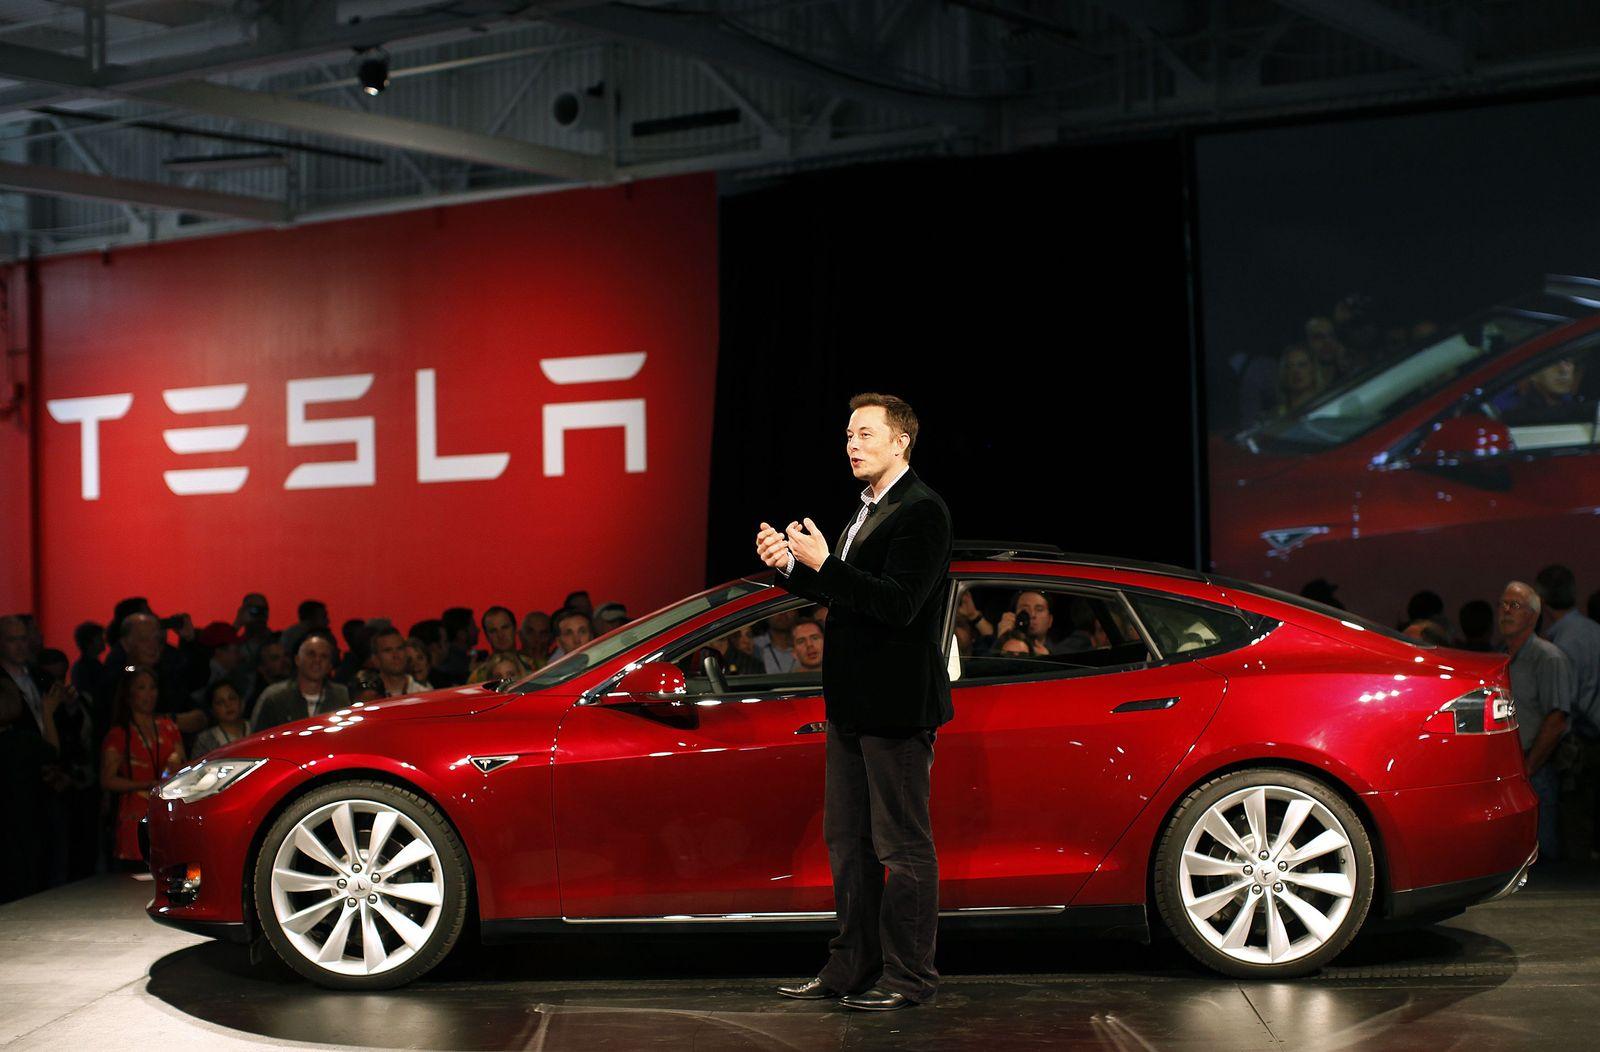 Elon Musk / Model S